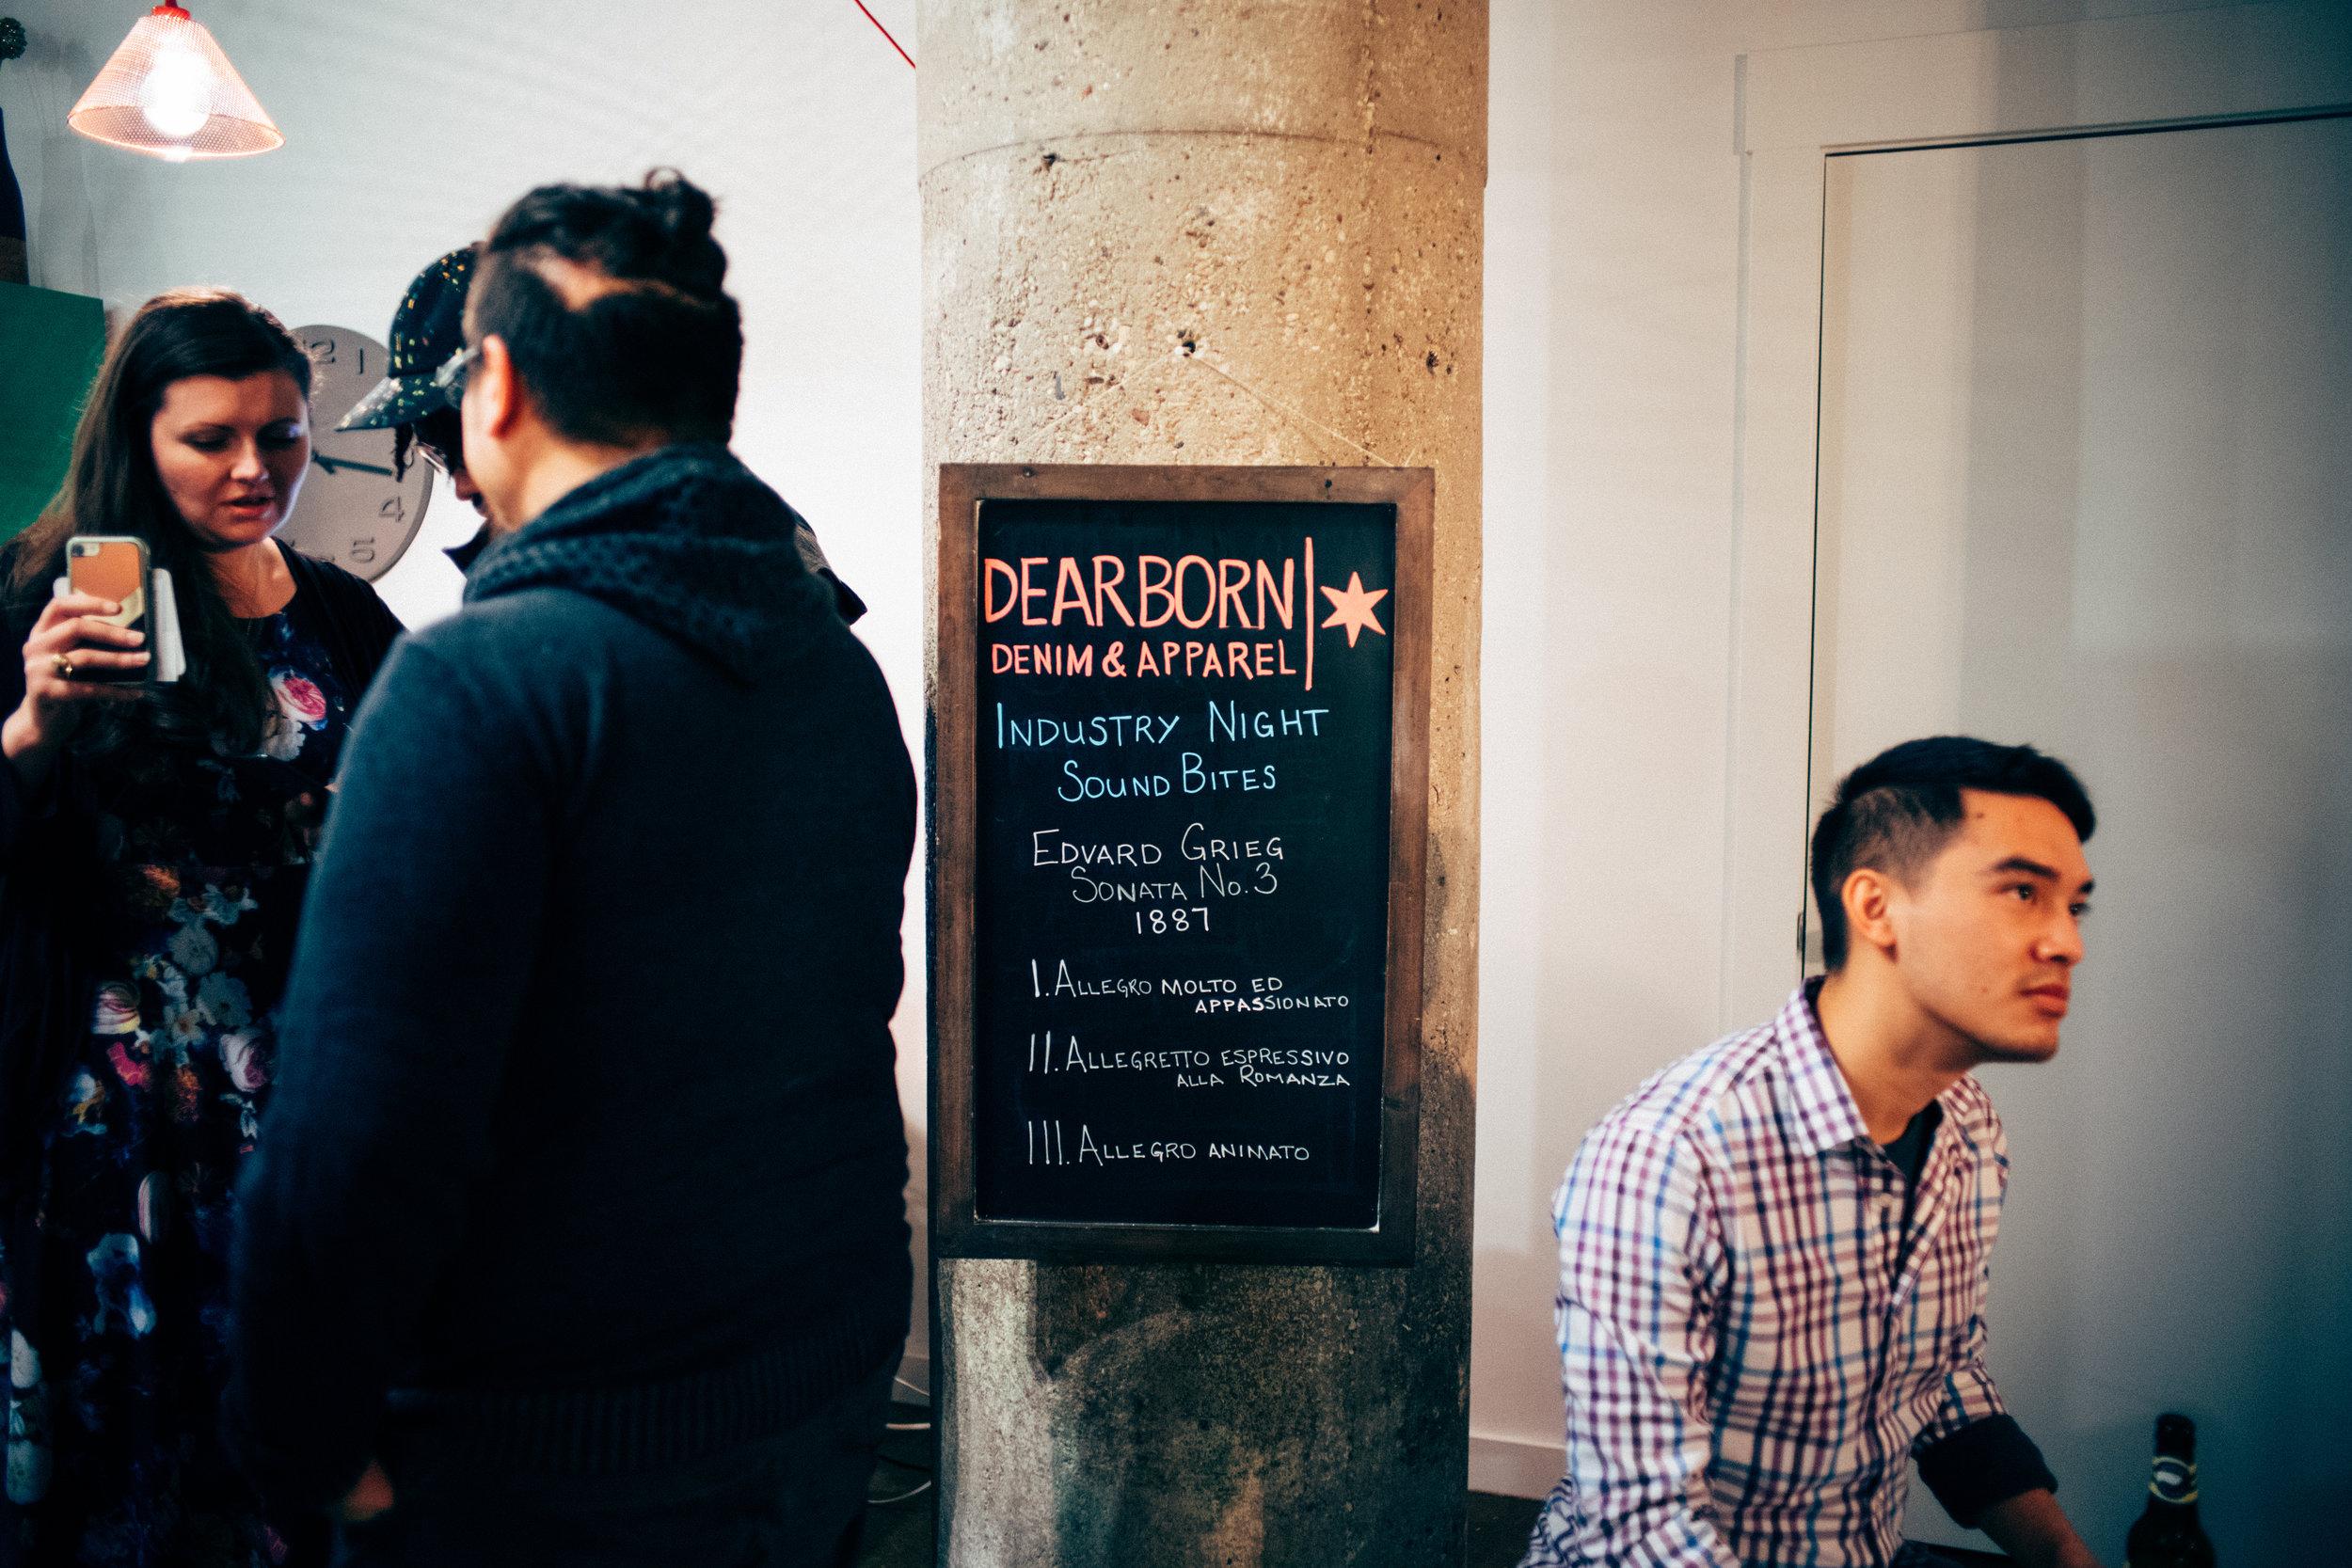 IndustryNight with Dearborn Denim